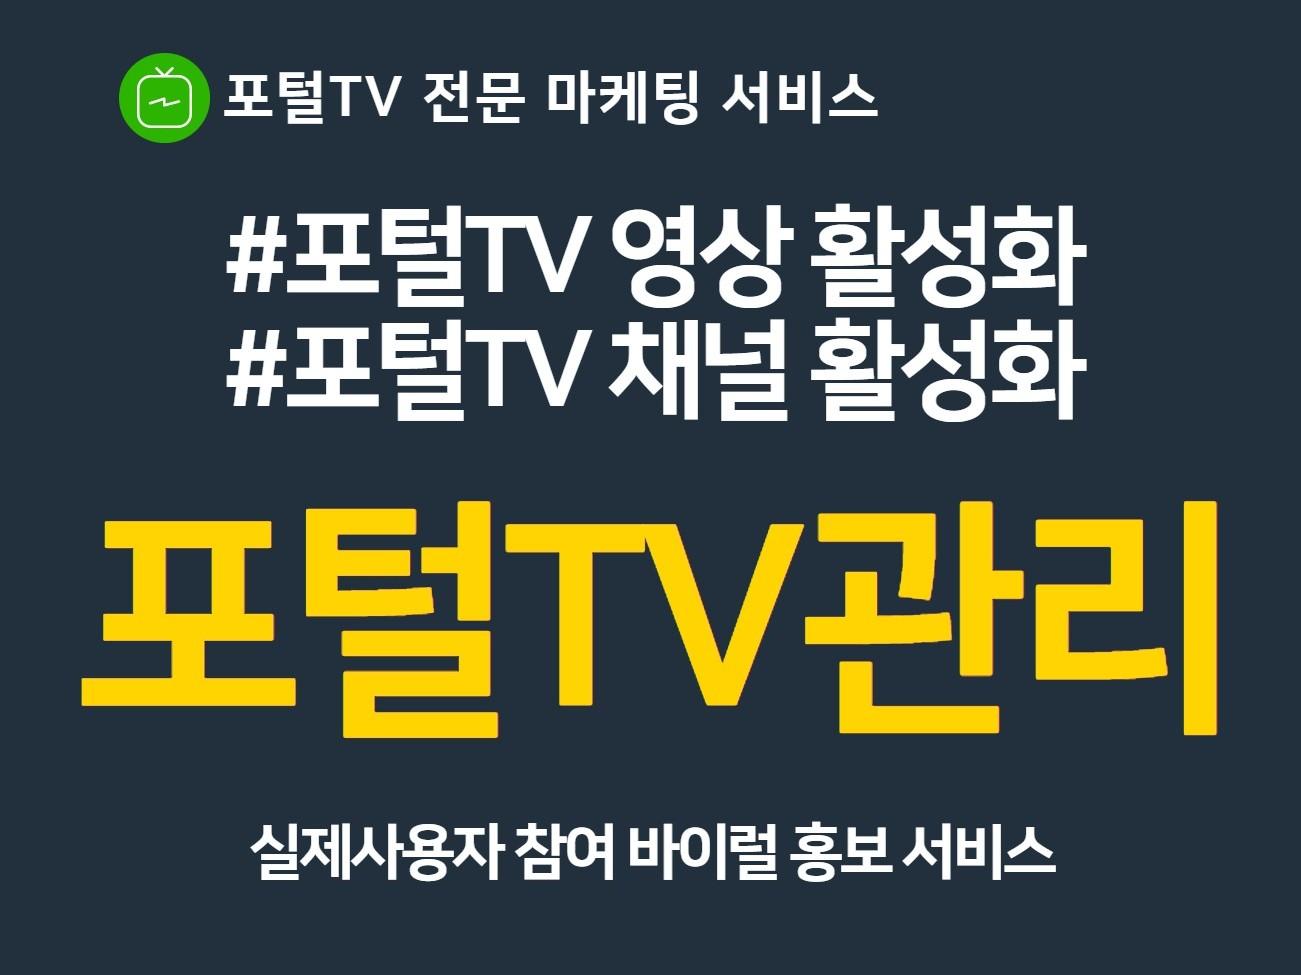 포털TV 구독,조회수 높은 채널 활용해 최적화 관리해 드립니다.